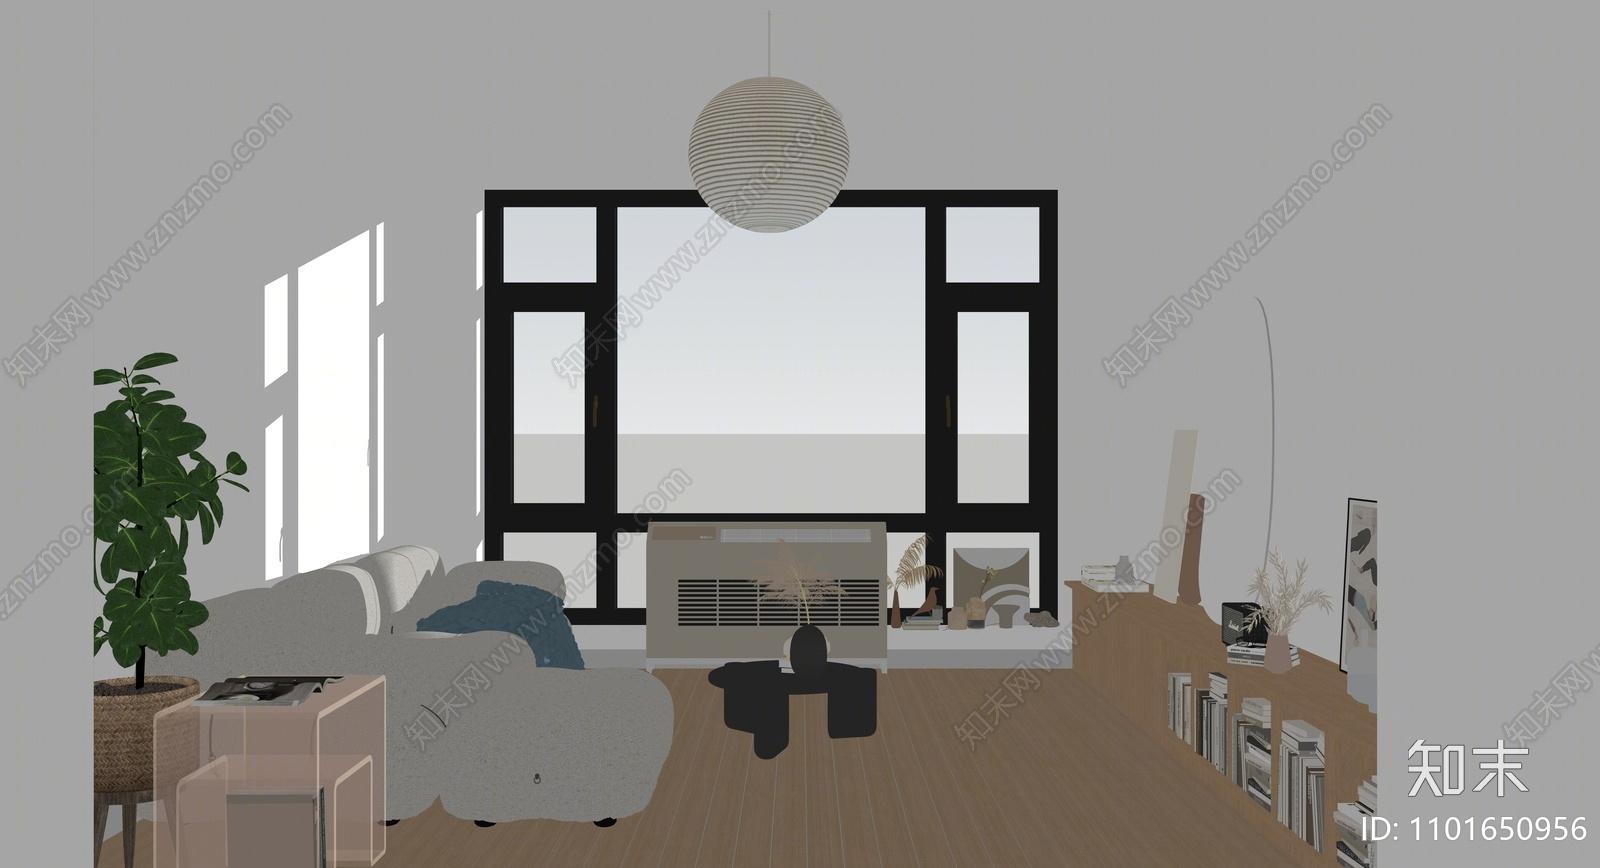 现代家居客厅SU模型下载【ID:1101650956】